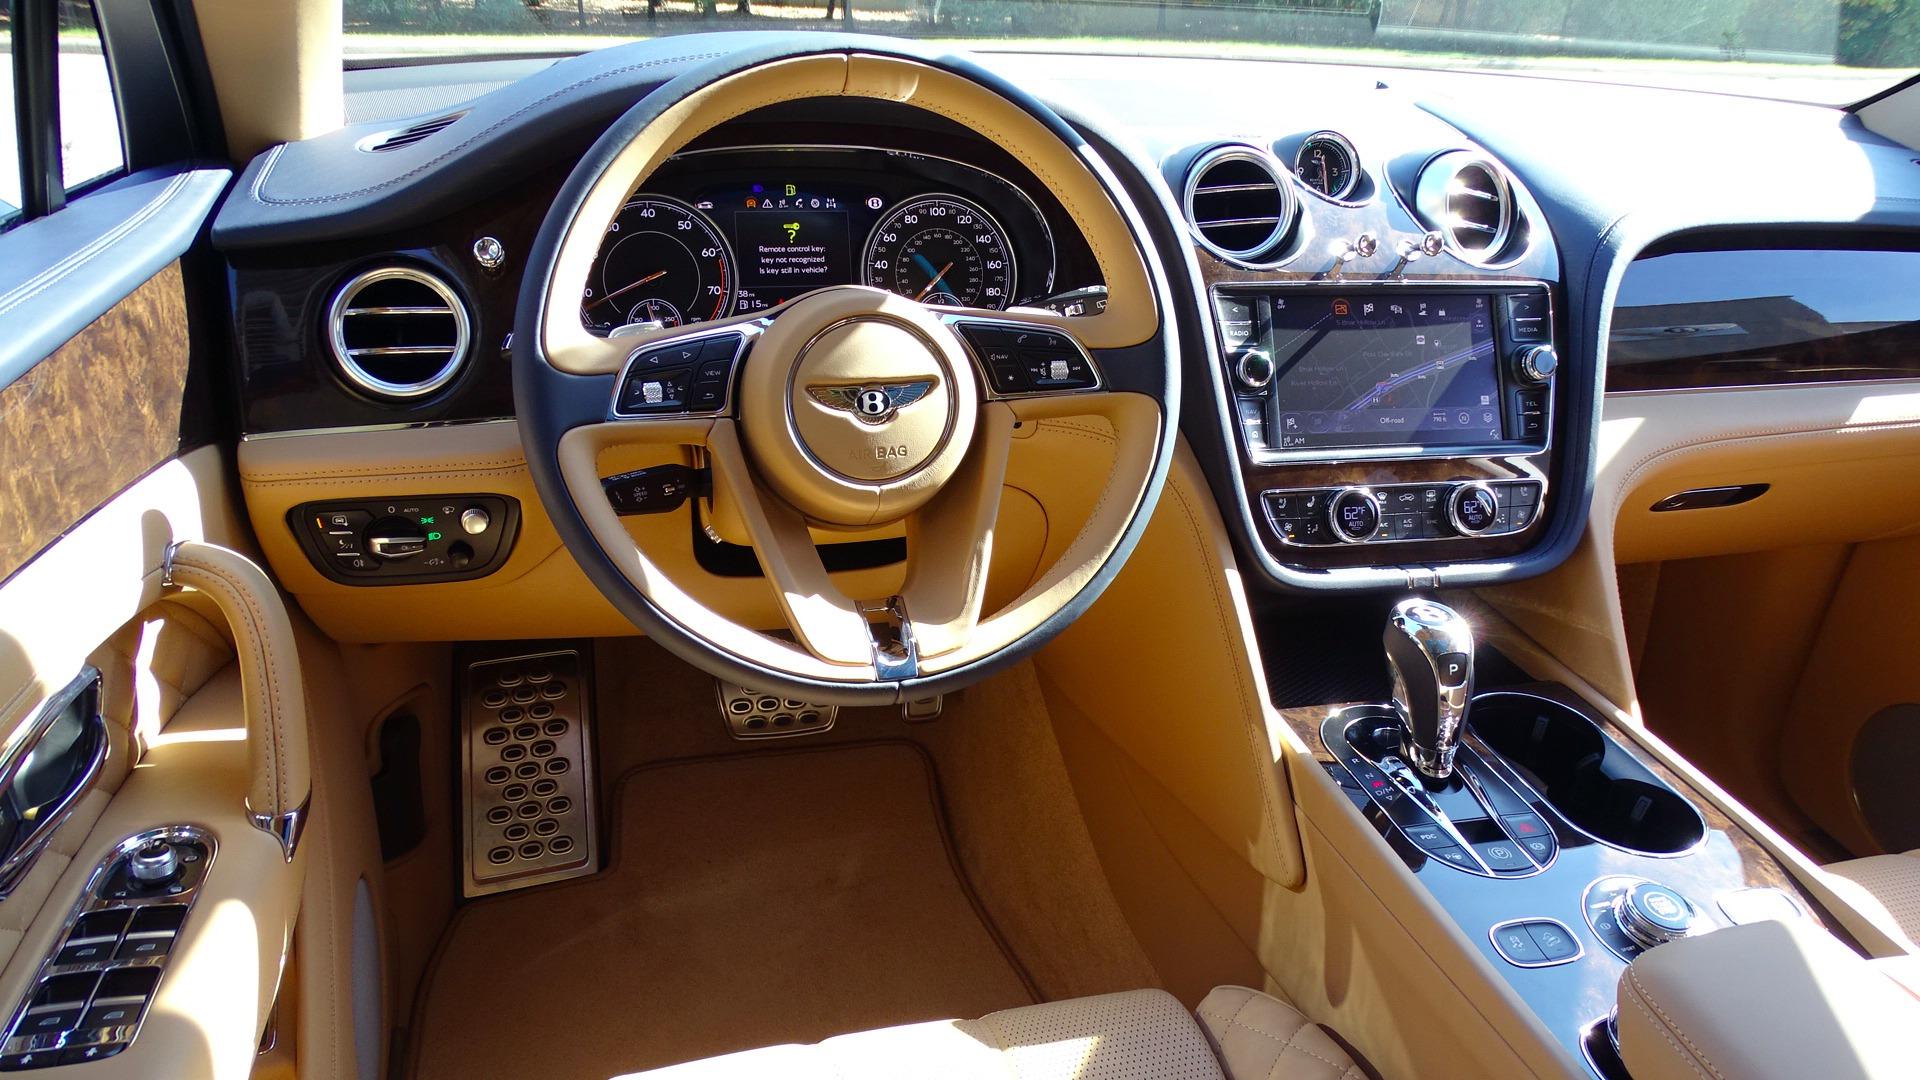 Racemark international ggbailey parent company helps bentley win best interior